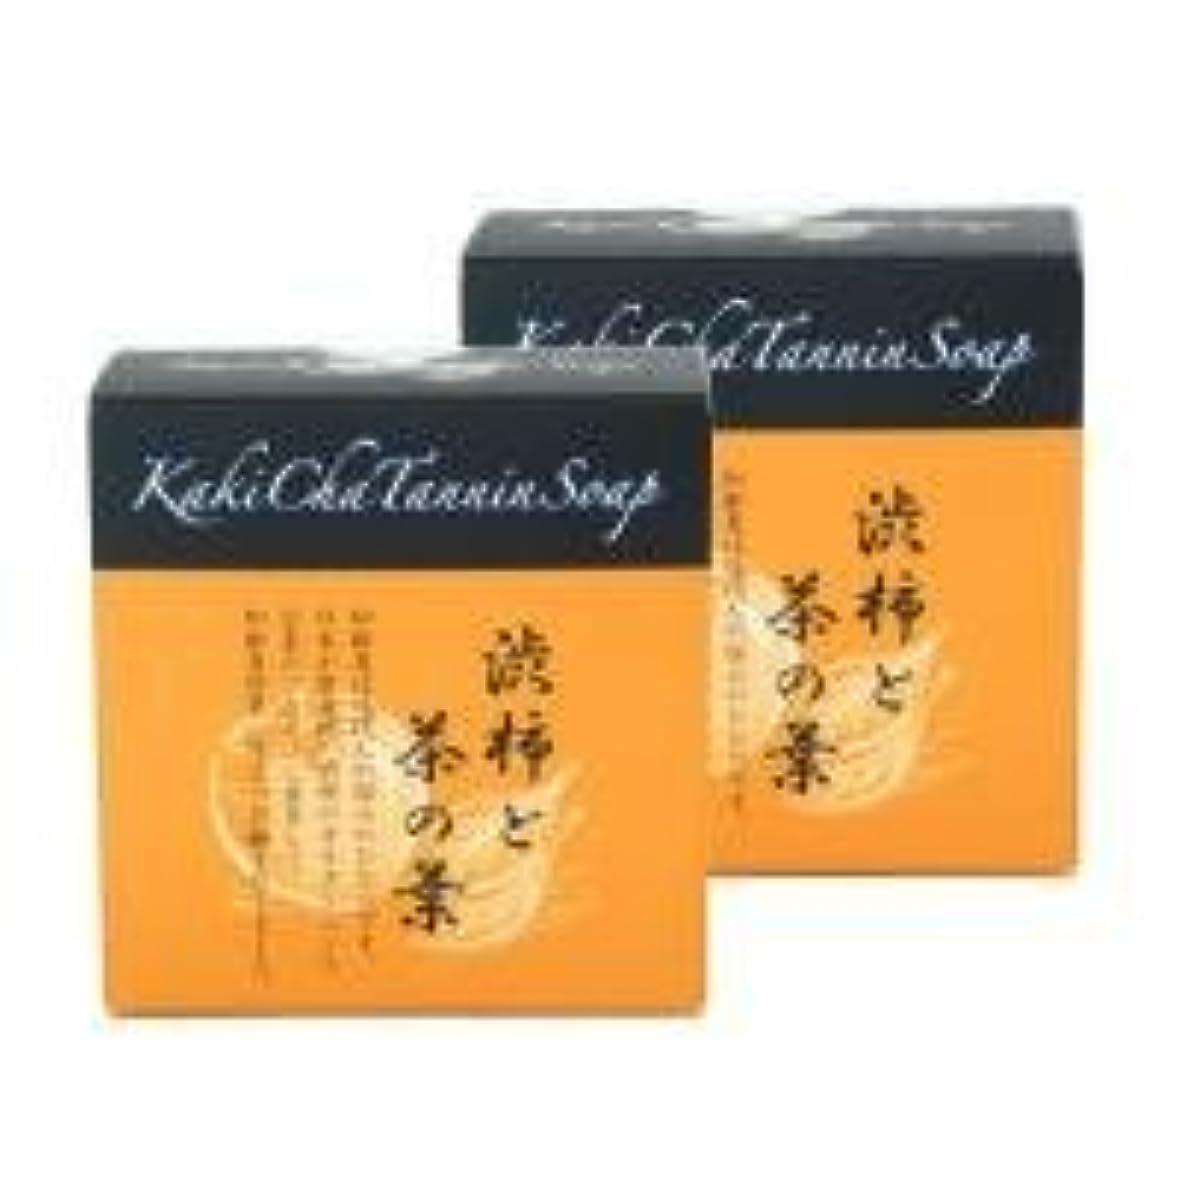 六任命する移行する柿茶タンニンソープ(100g)×2個 K00024W